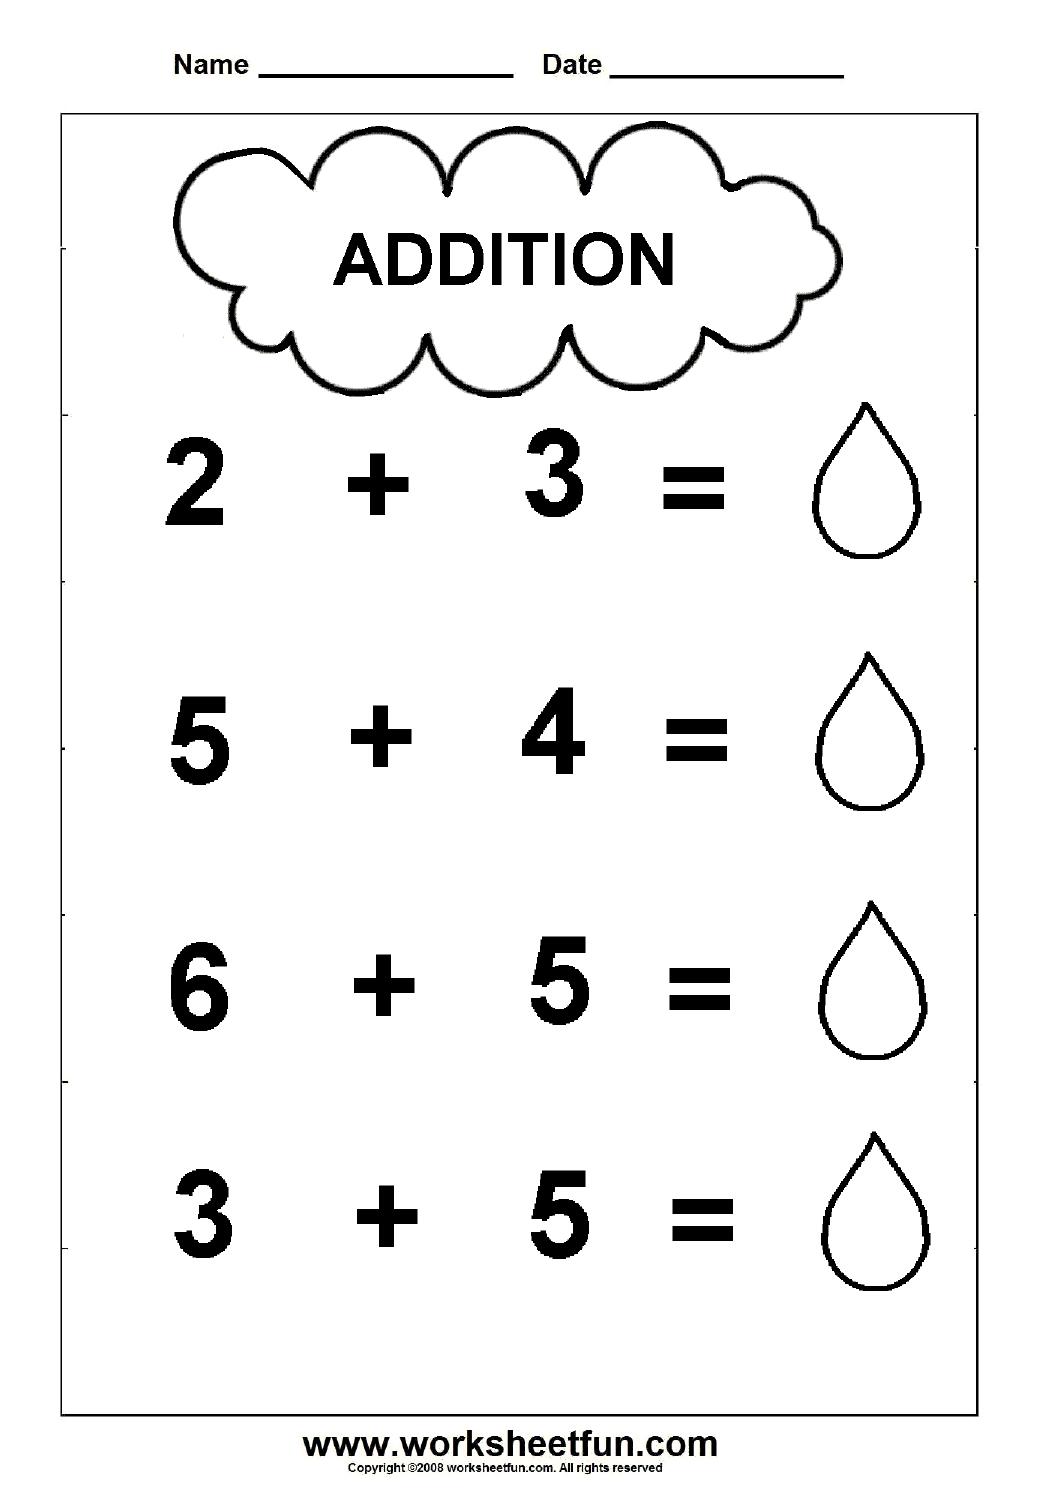 Addition Worksheet for Kindergartners